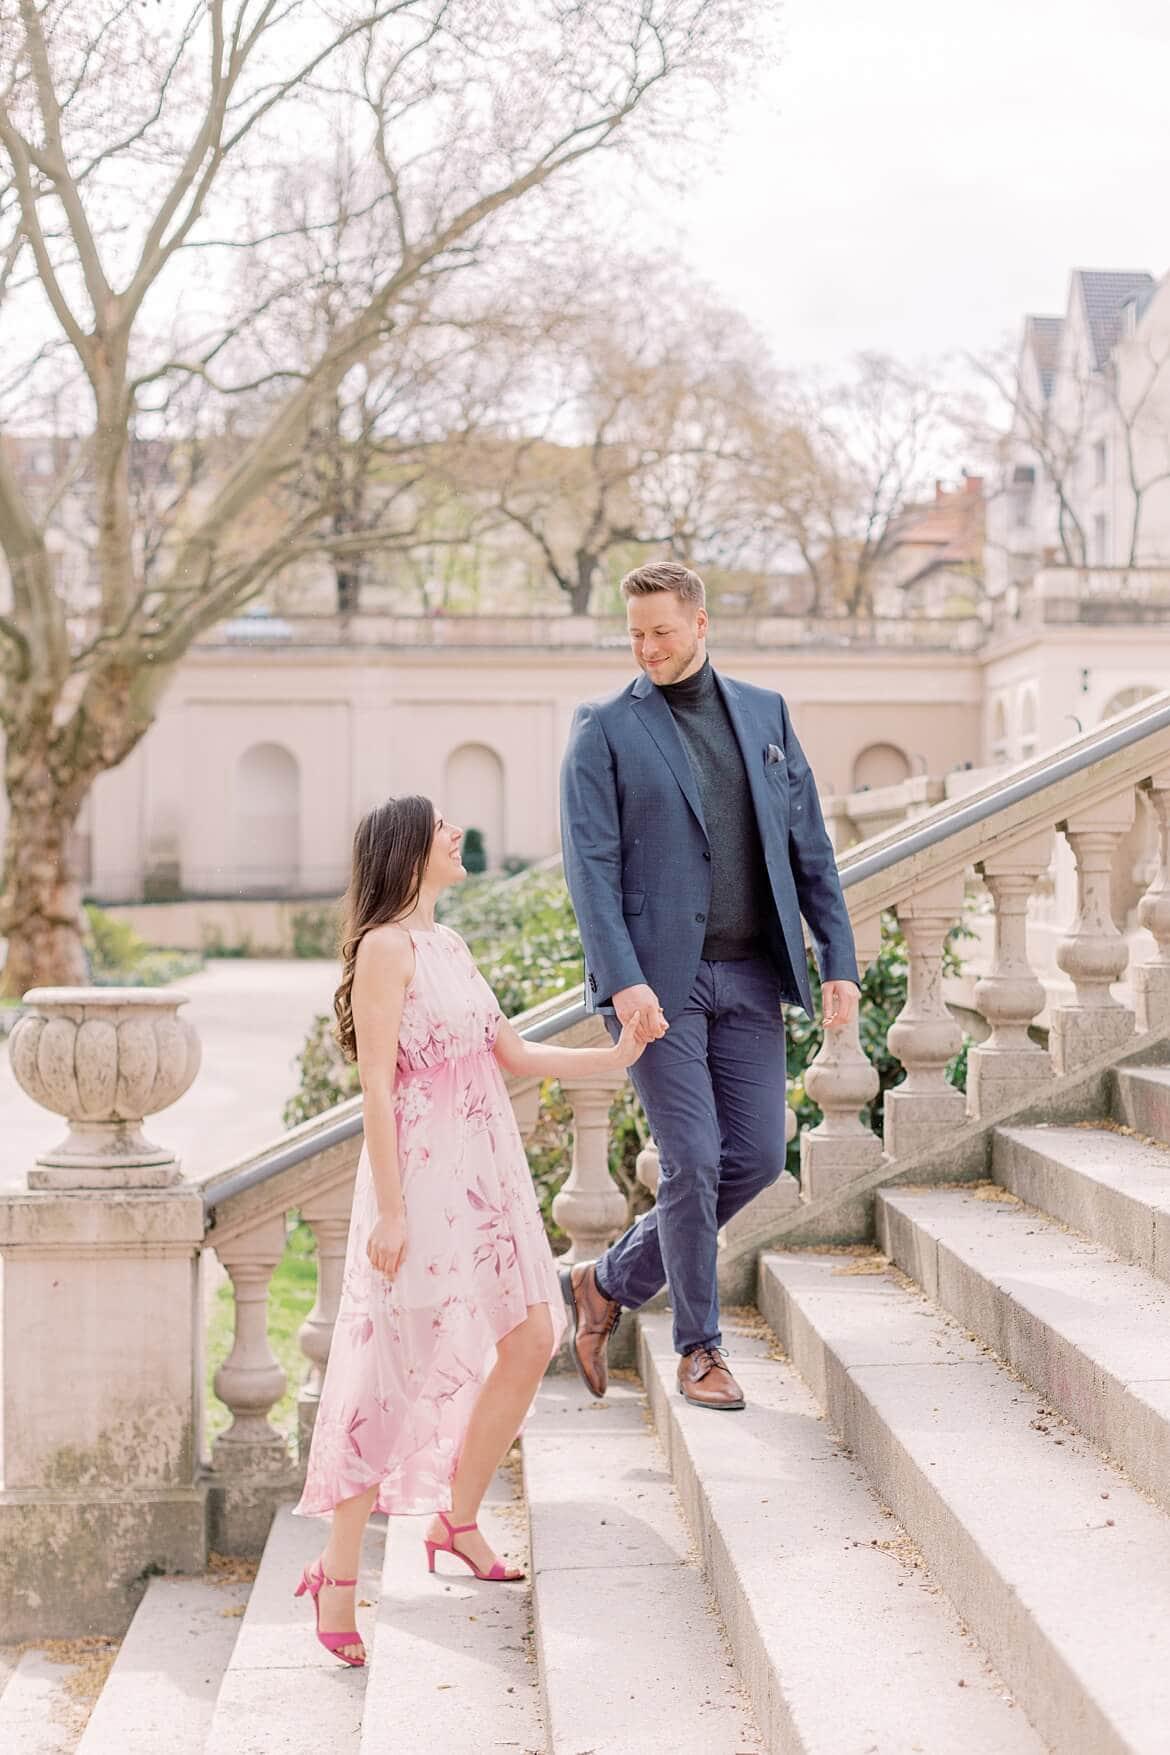 Paar läuft die Treppen hinauf